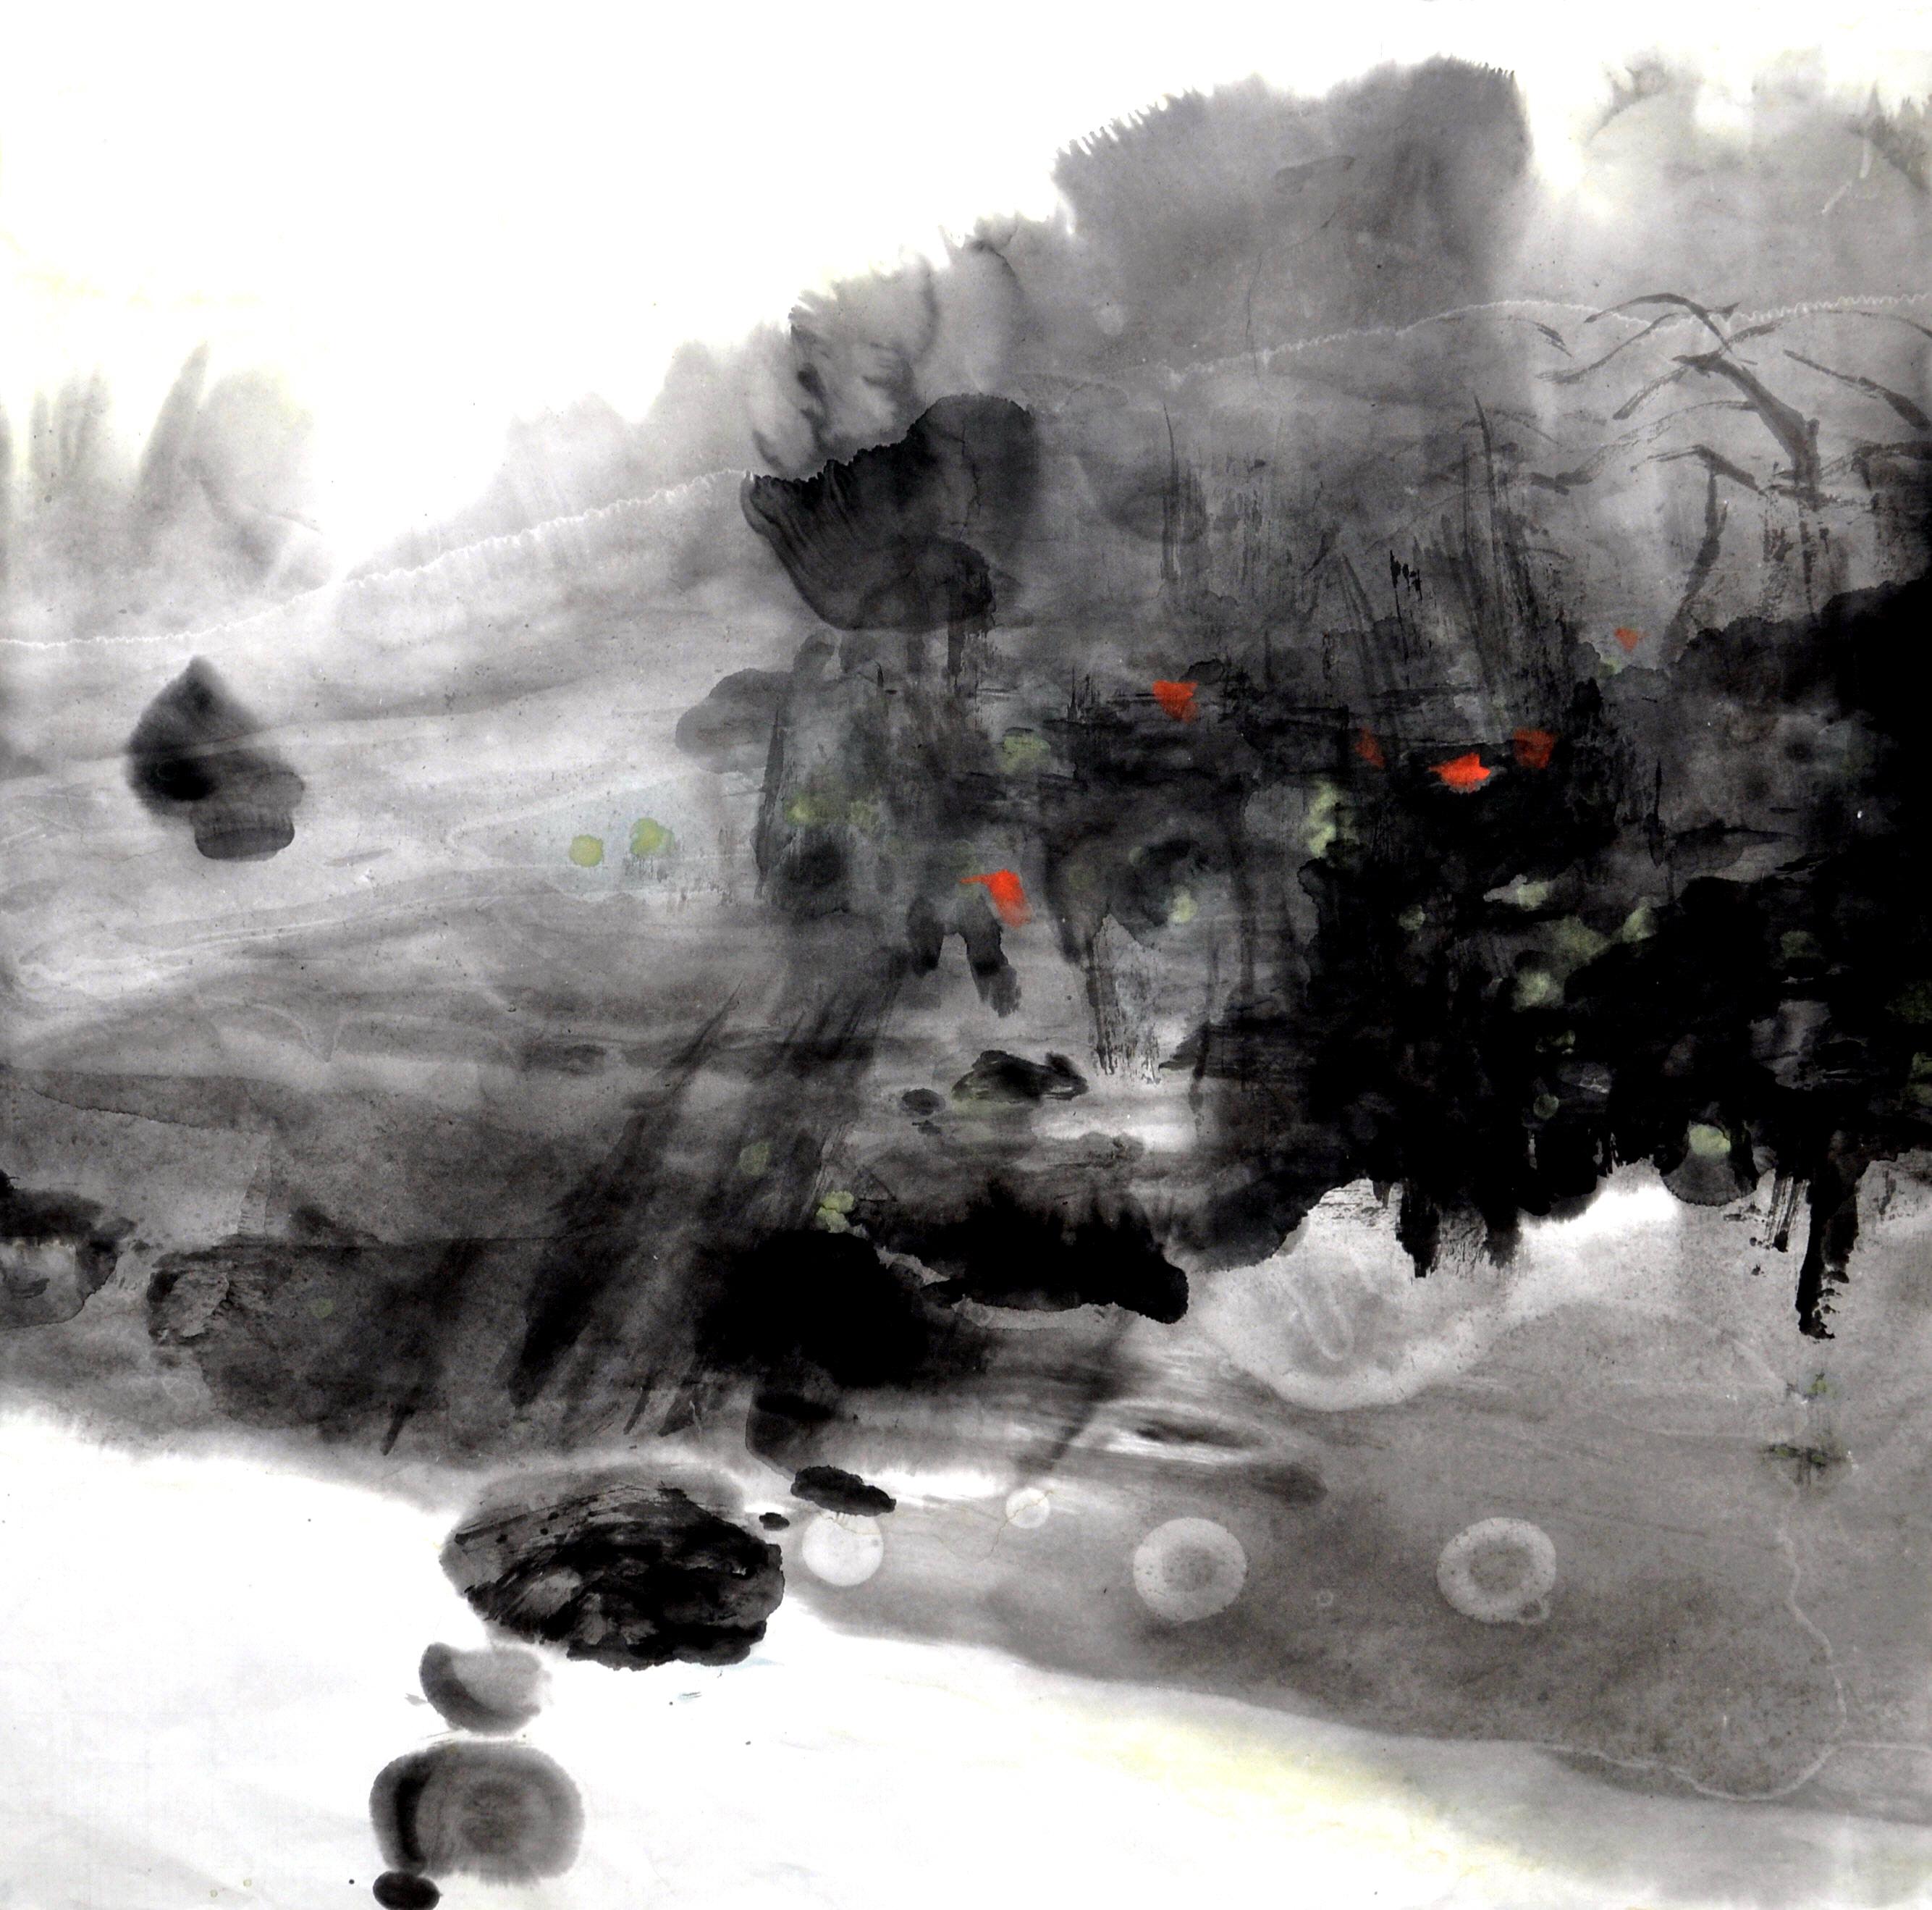 2013 溪边小景              Scéne par                 ruisseau             68 x 68